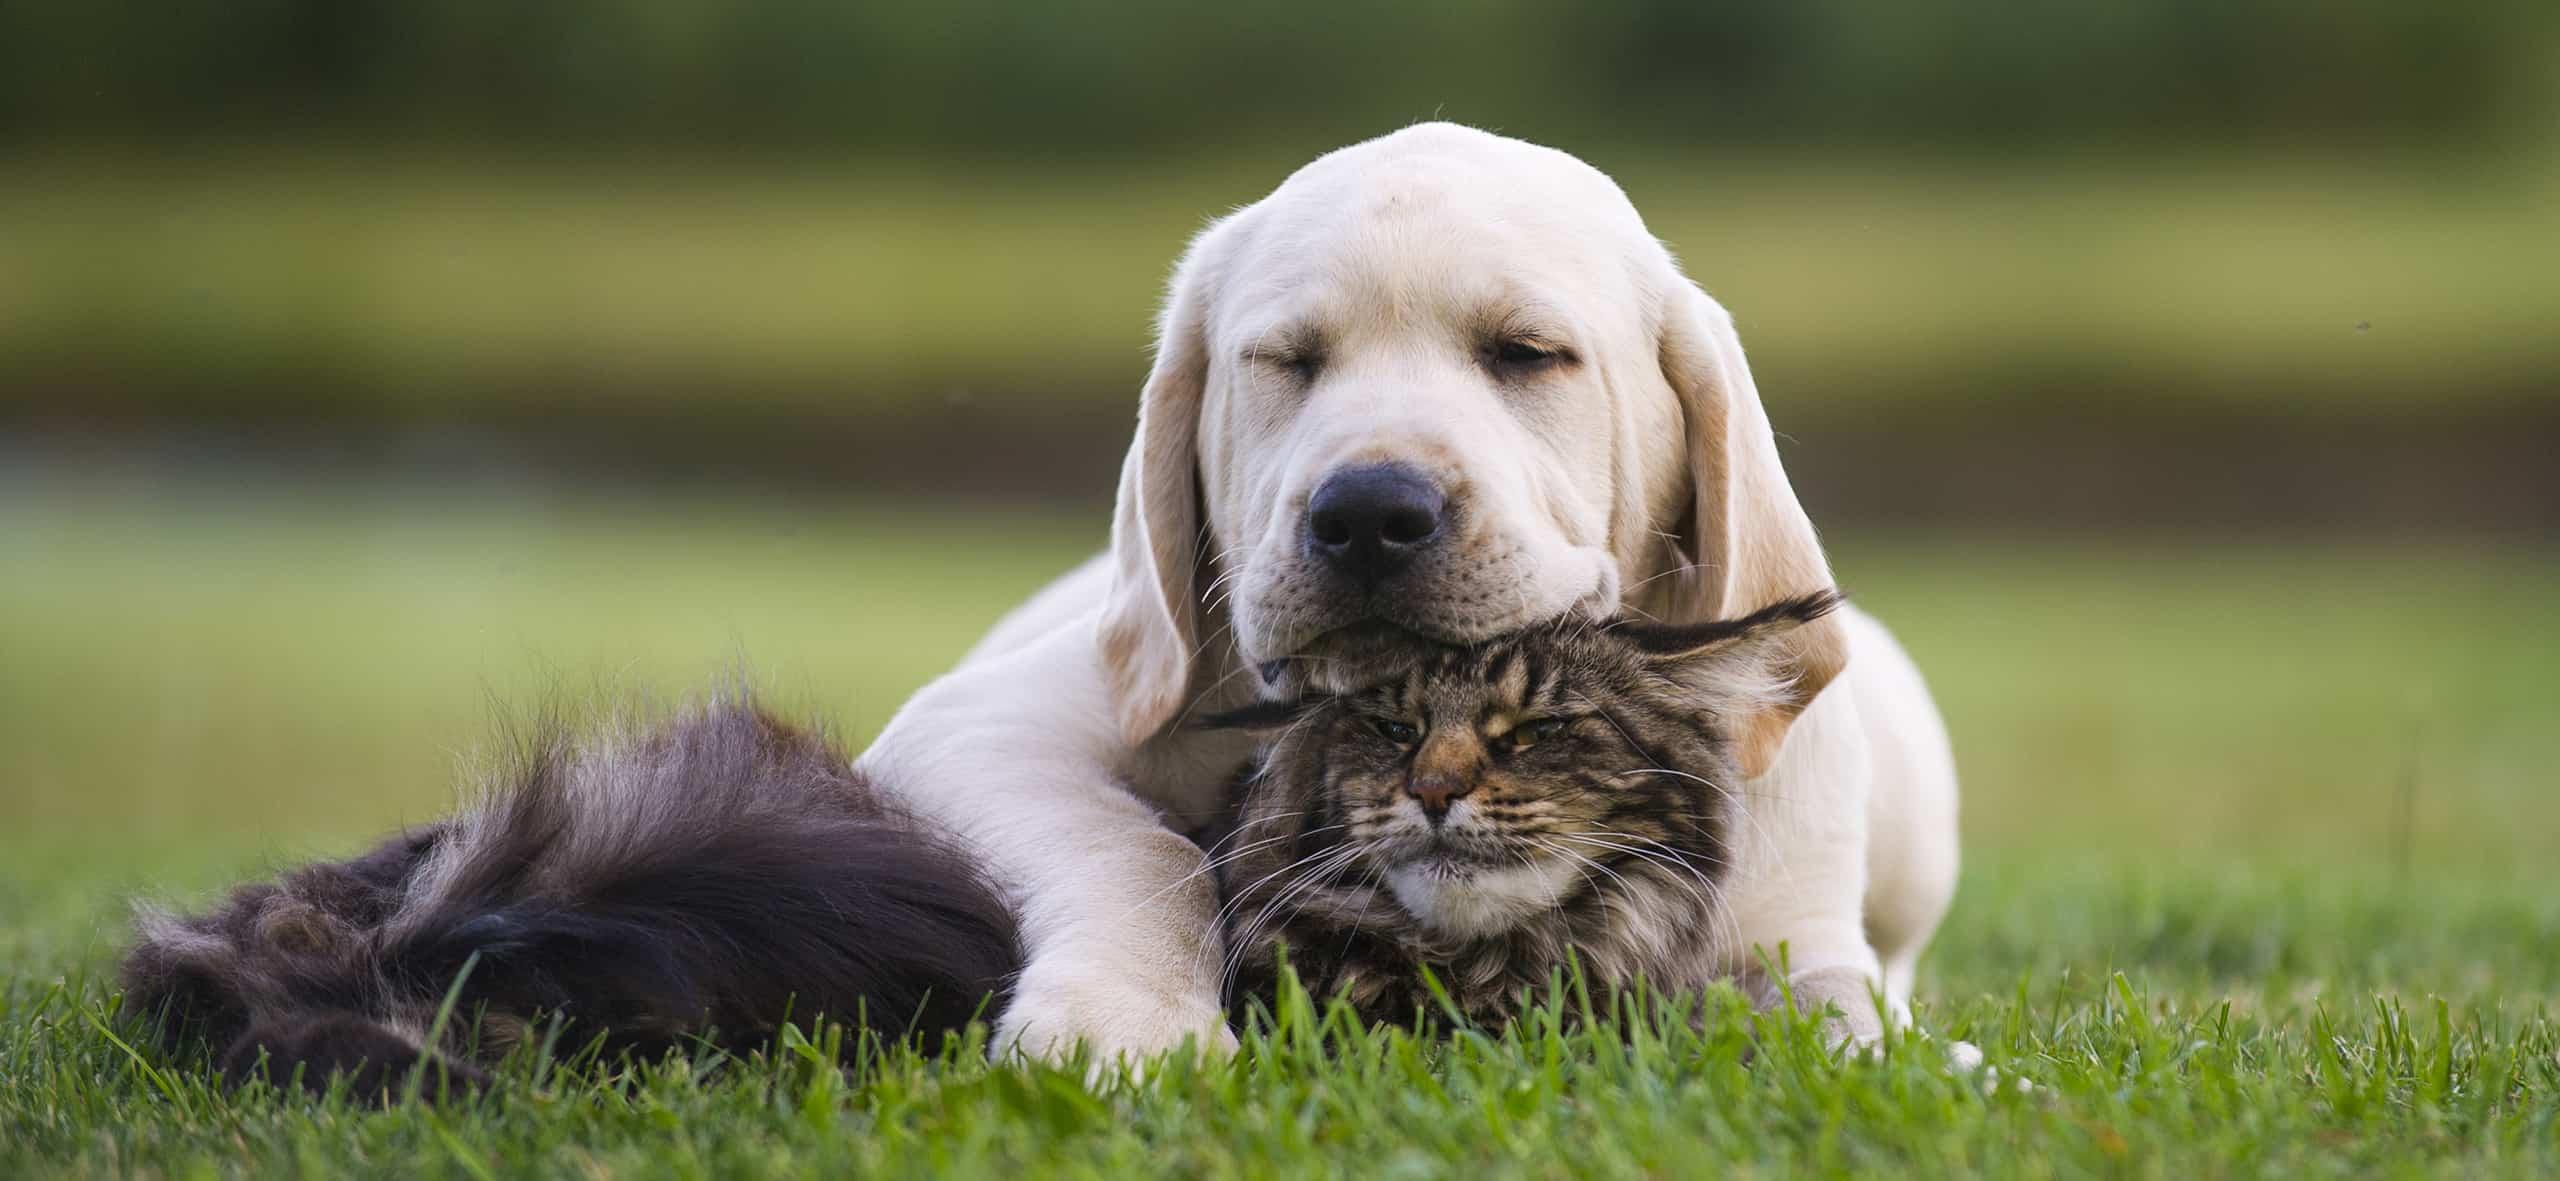 Aditivos a base de levadura y estas como fuente de nutrientes para cada tipo de alimento para mascotas: todo lo que necesita saber al elegir